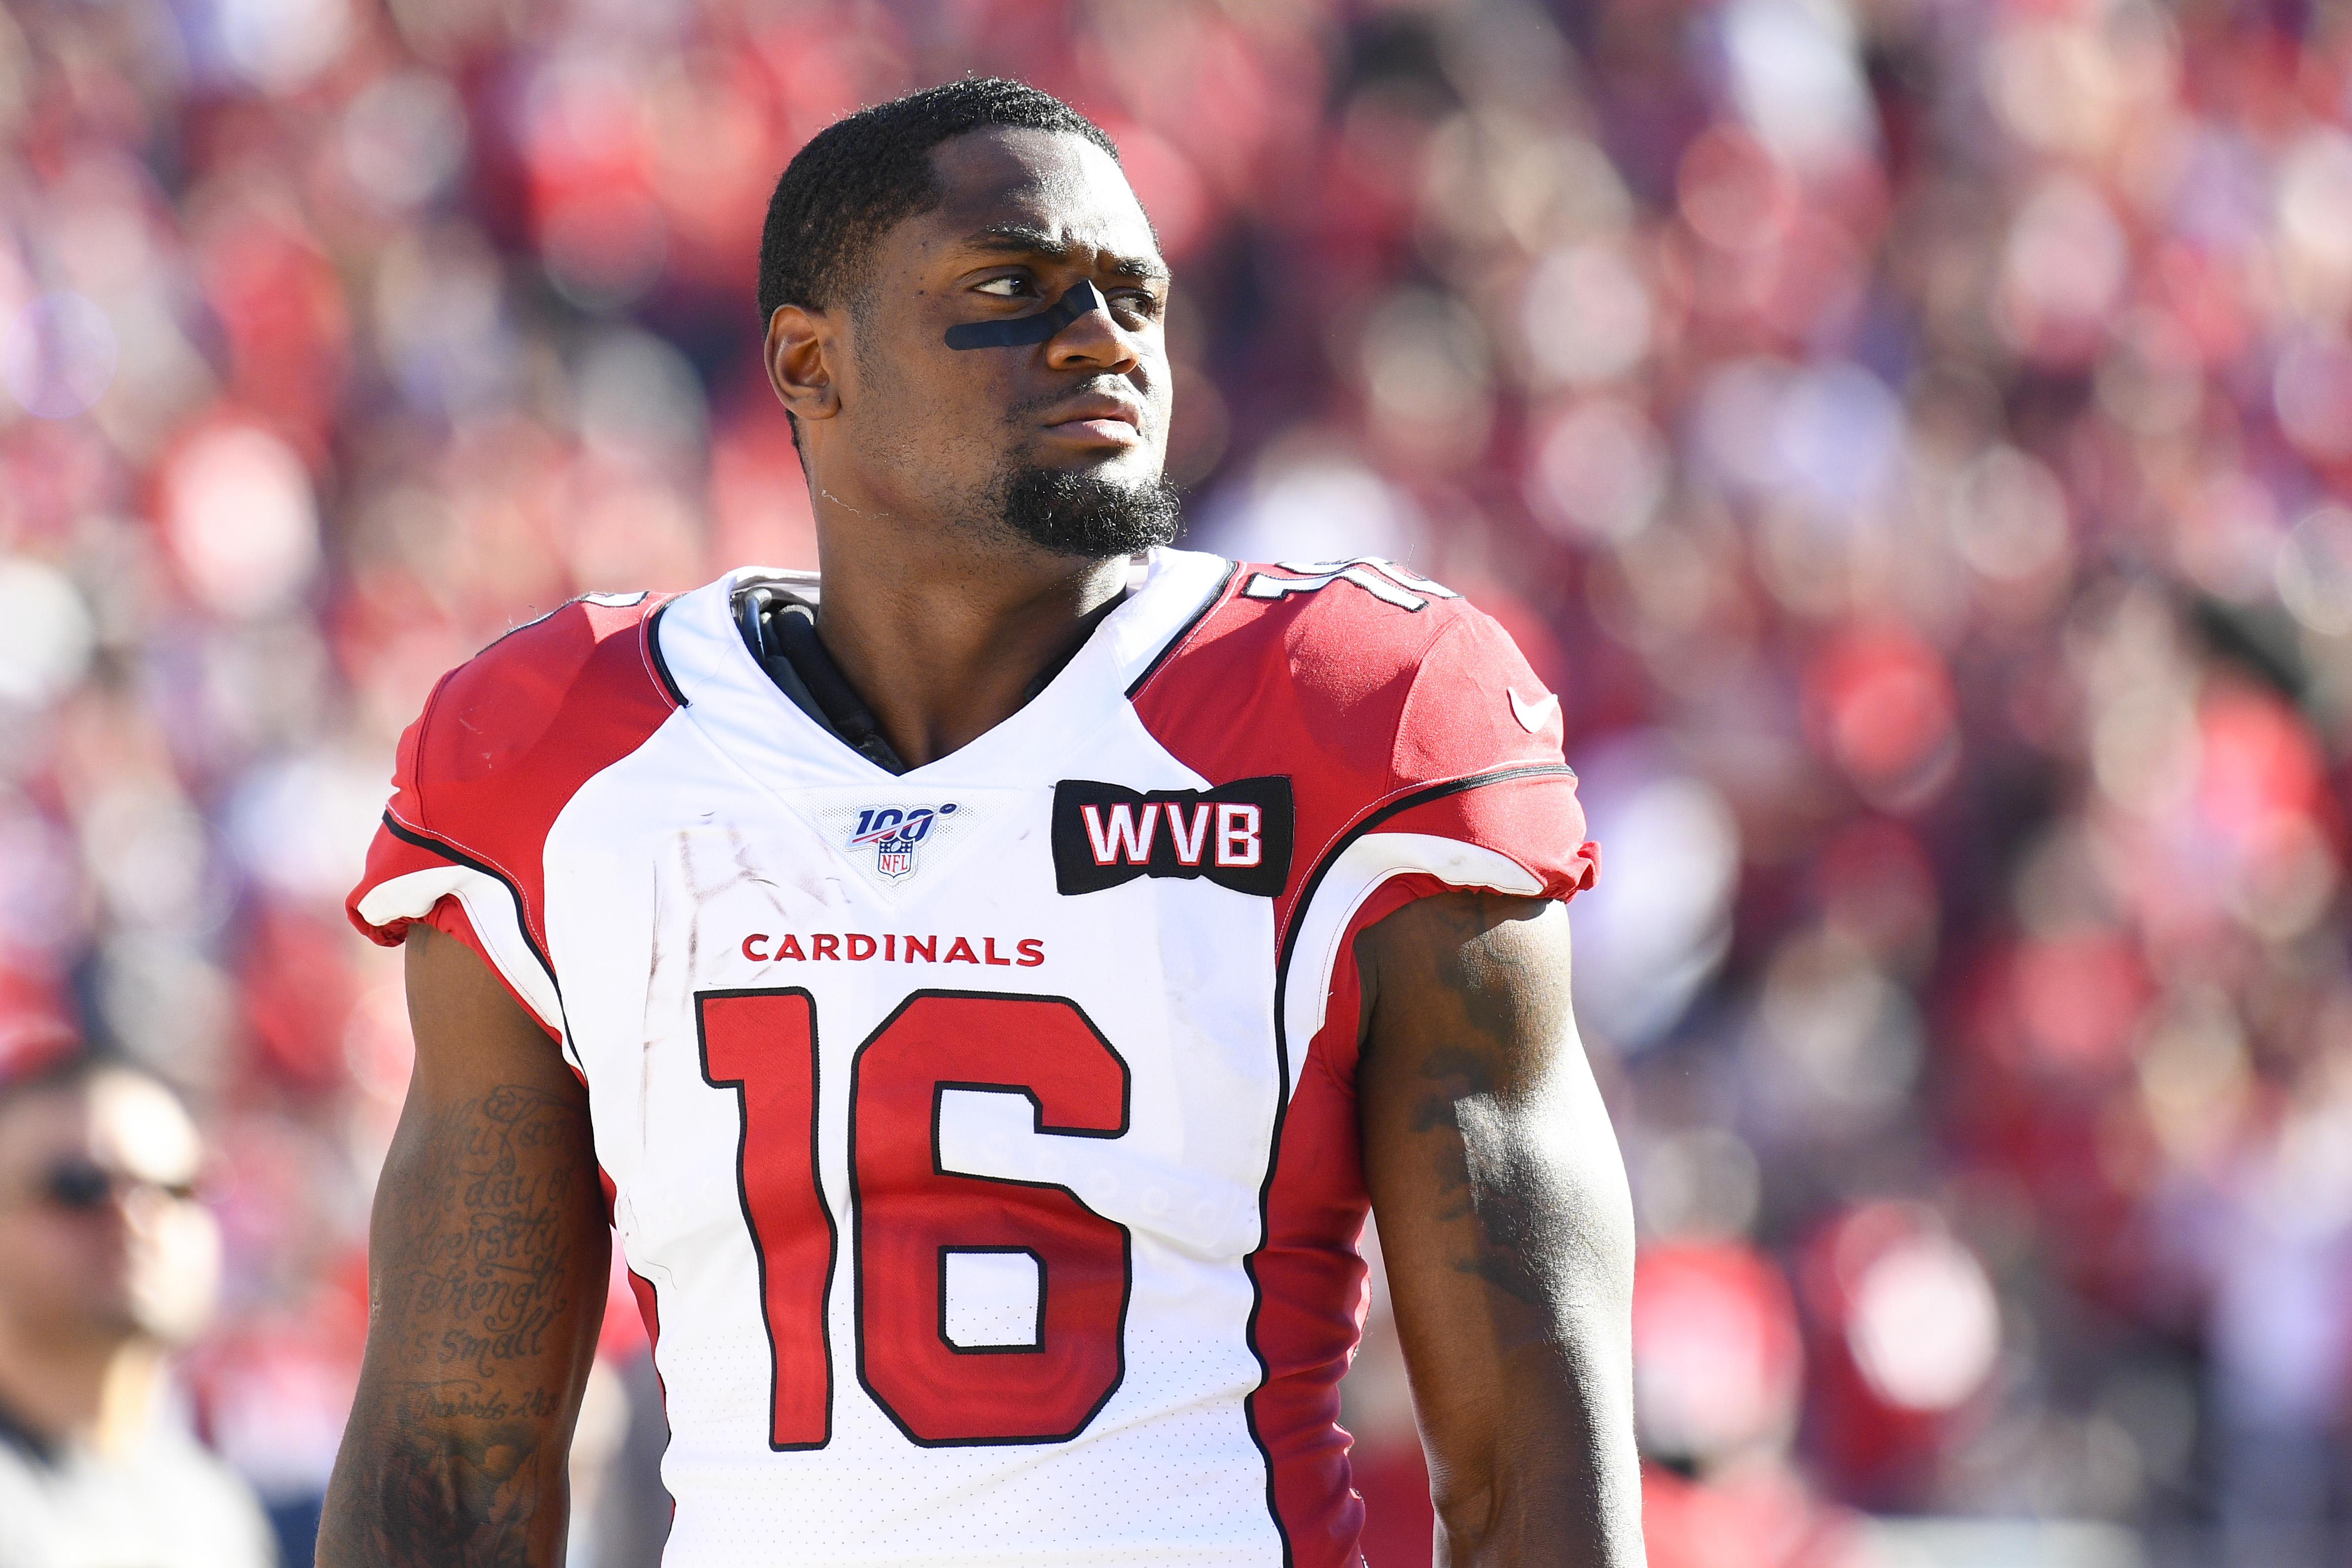 NFL: NOV 17 Cardinals at 49ers